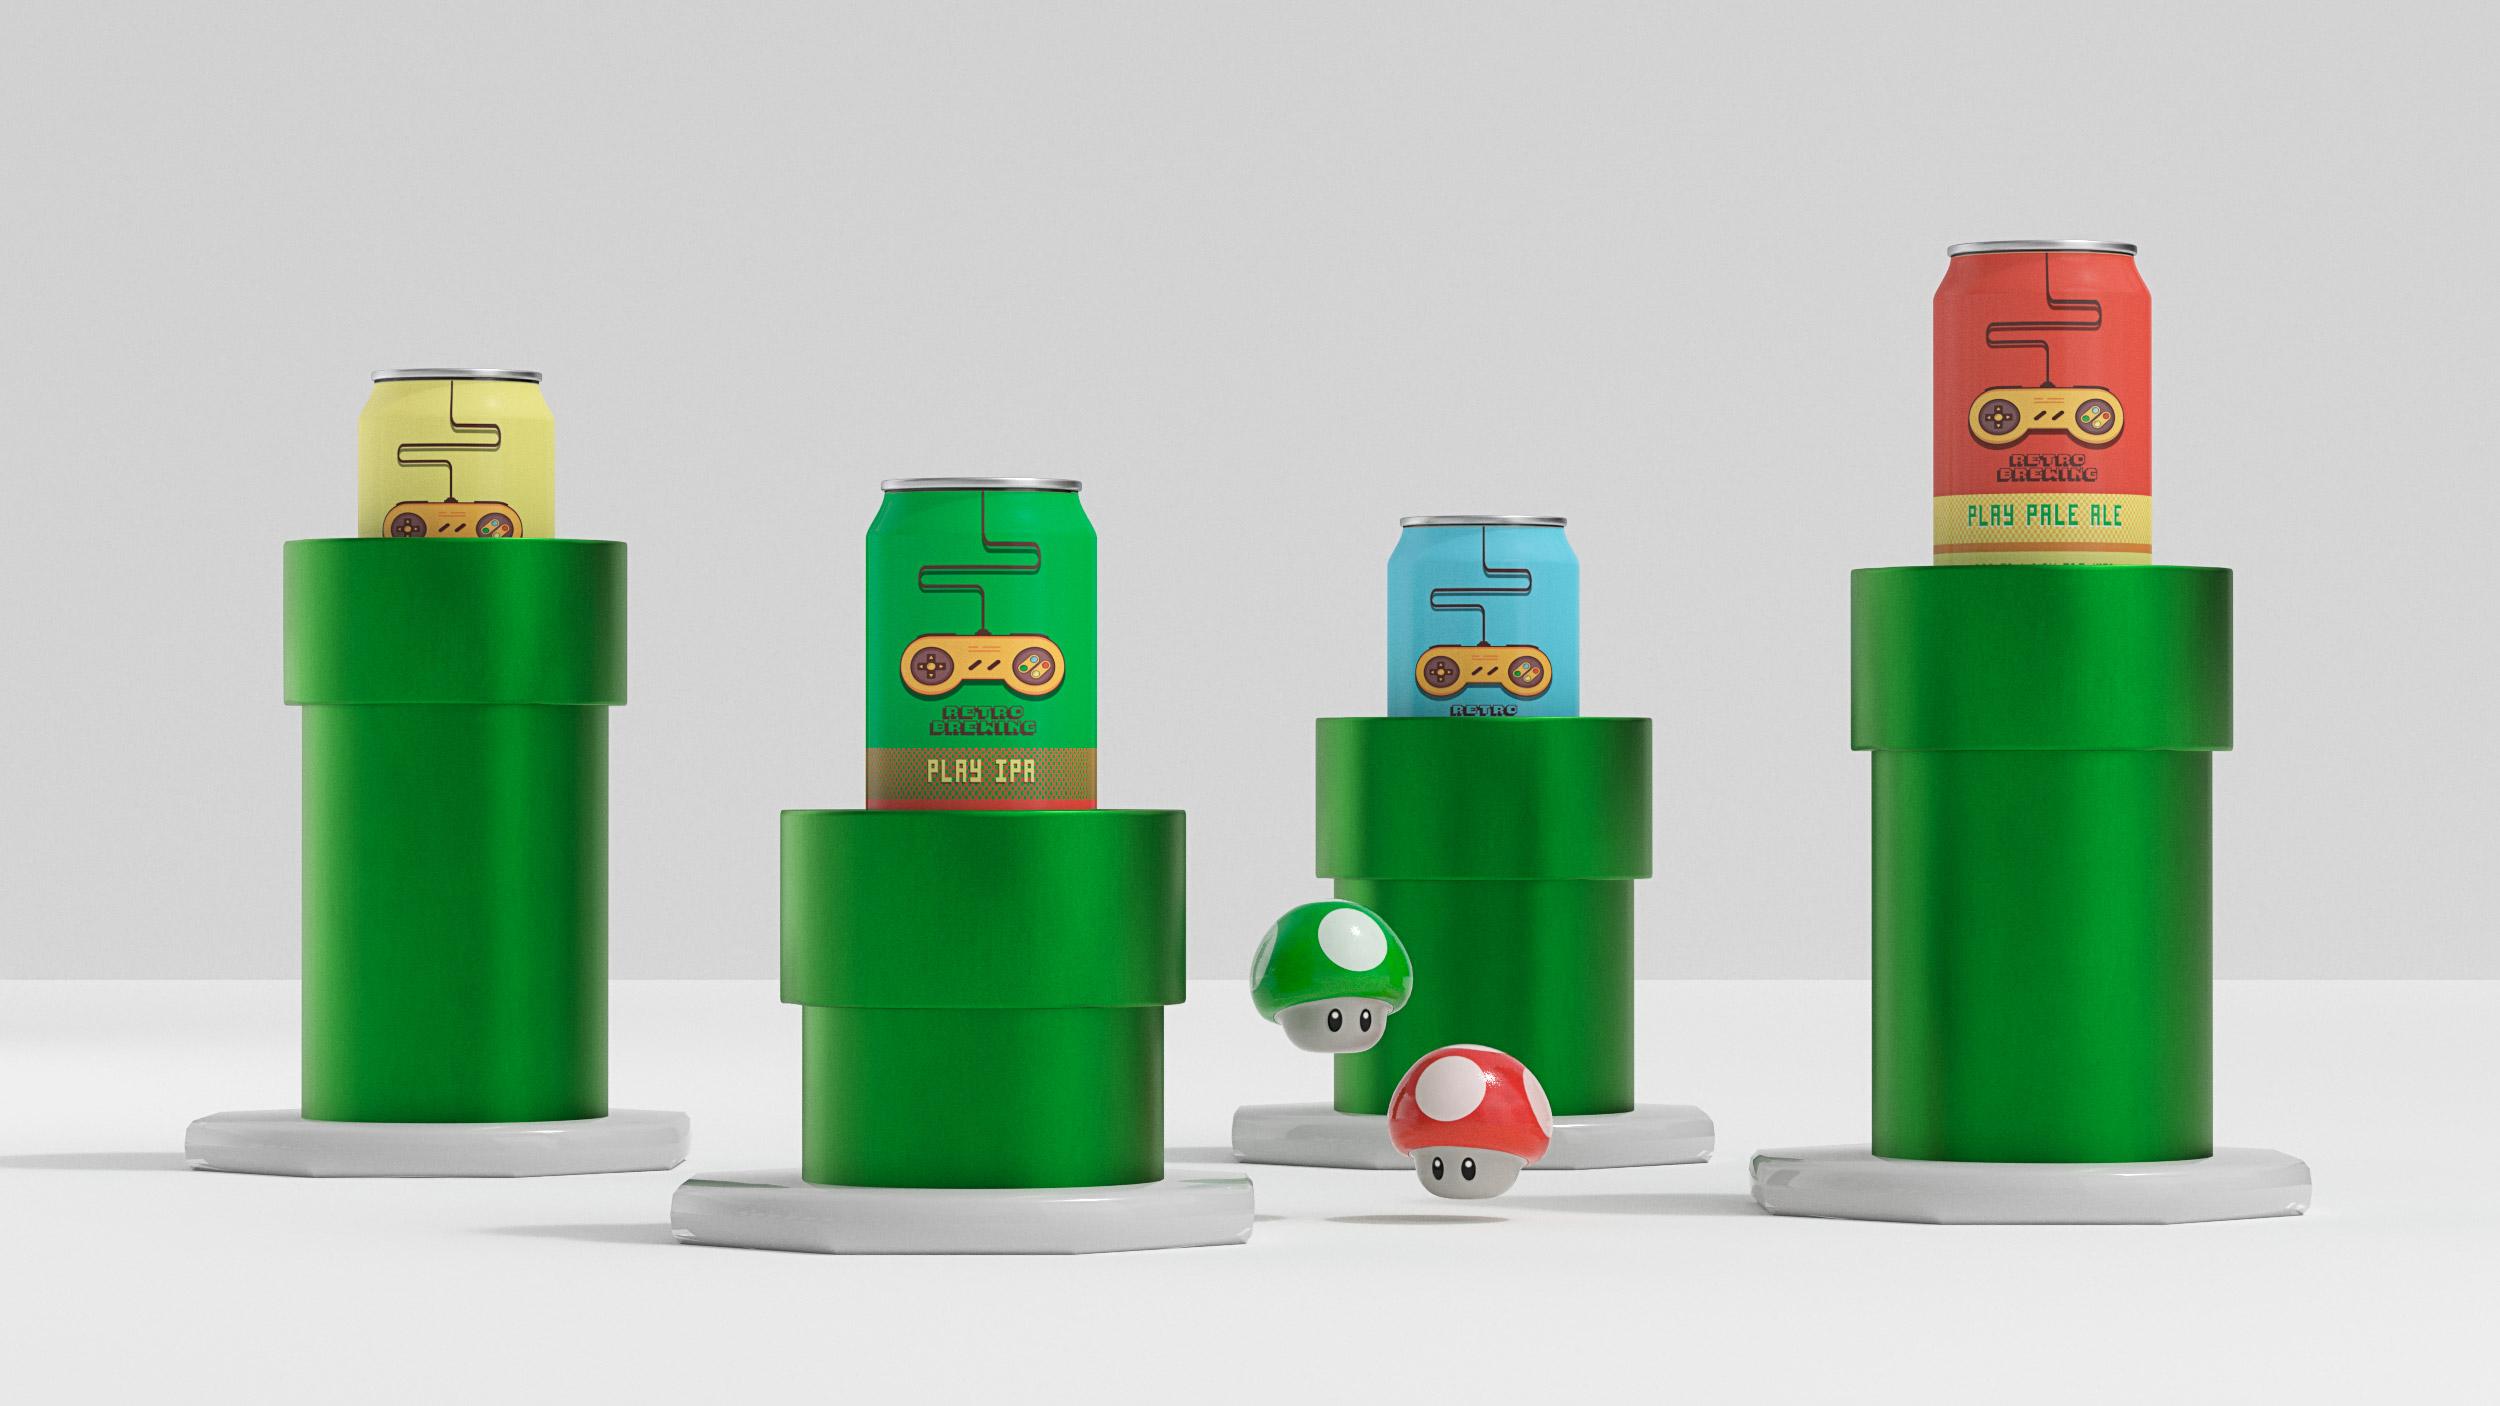 Présentation des canettes façon Super Mario Bros